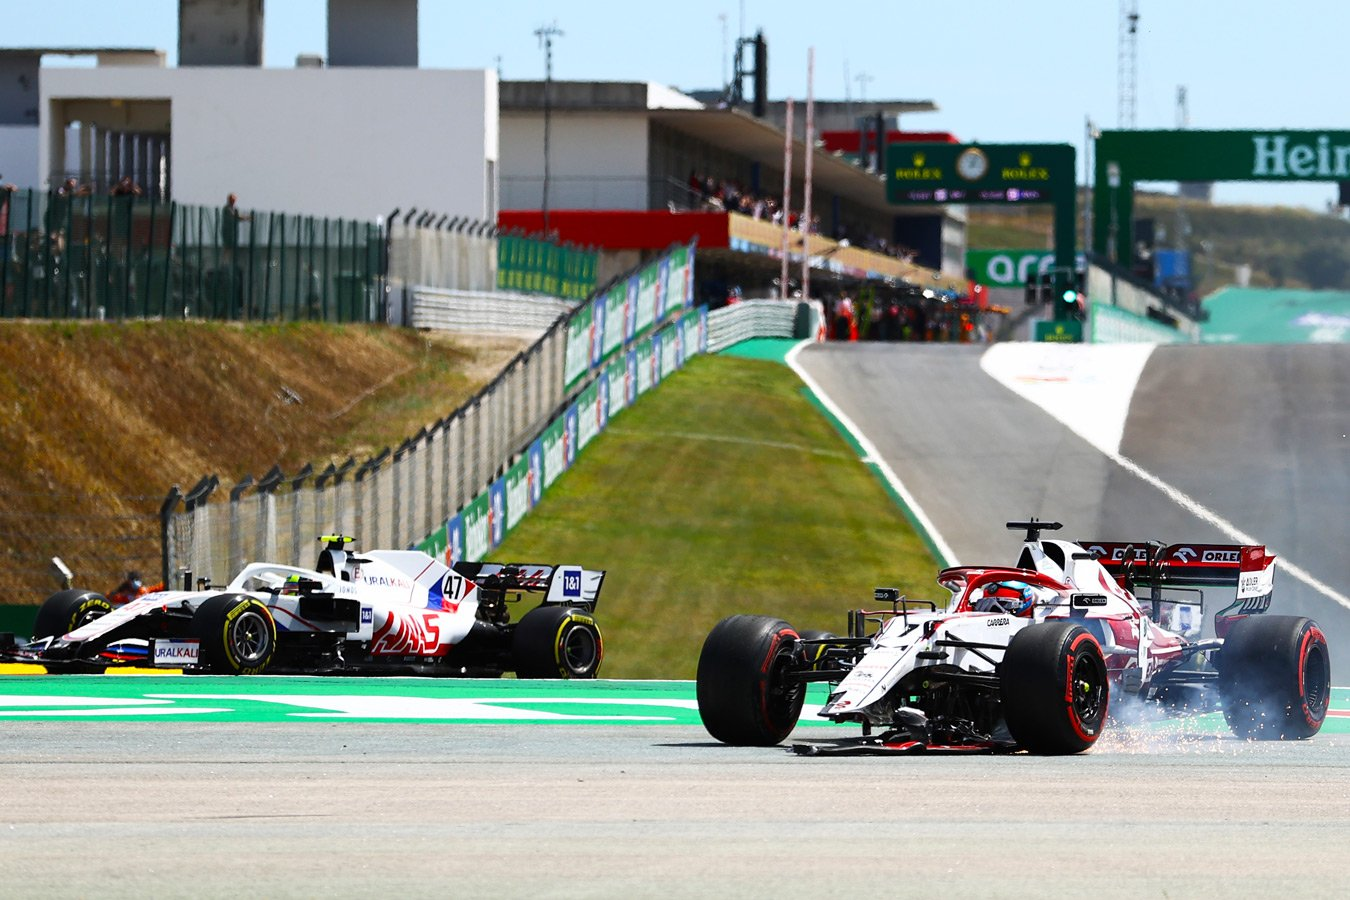 Оценки за Гран-при Португалии Ф-1 — 2021